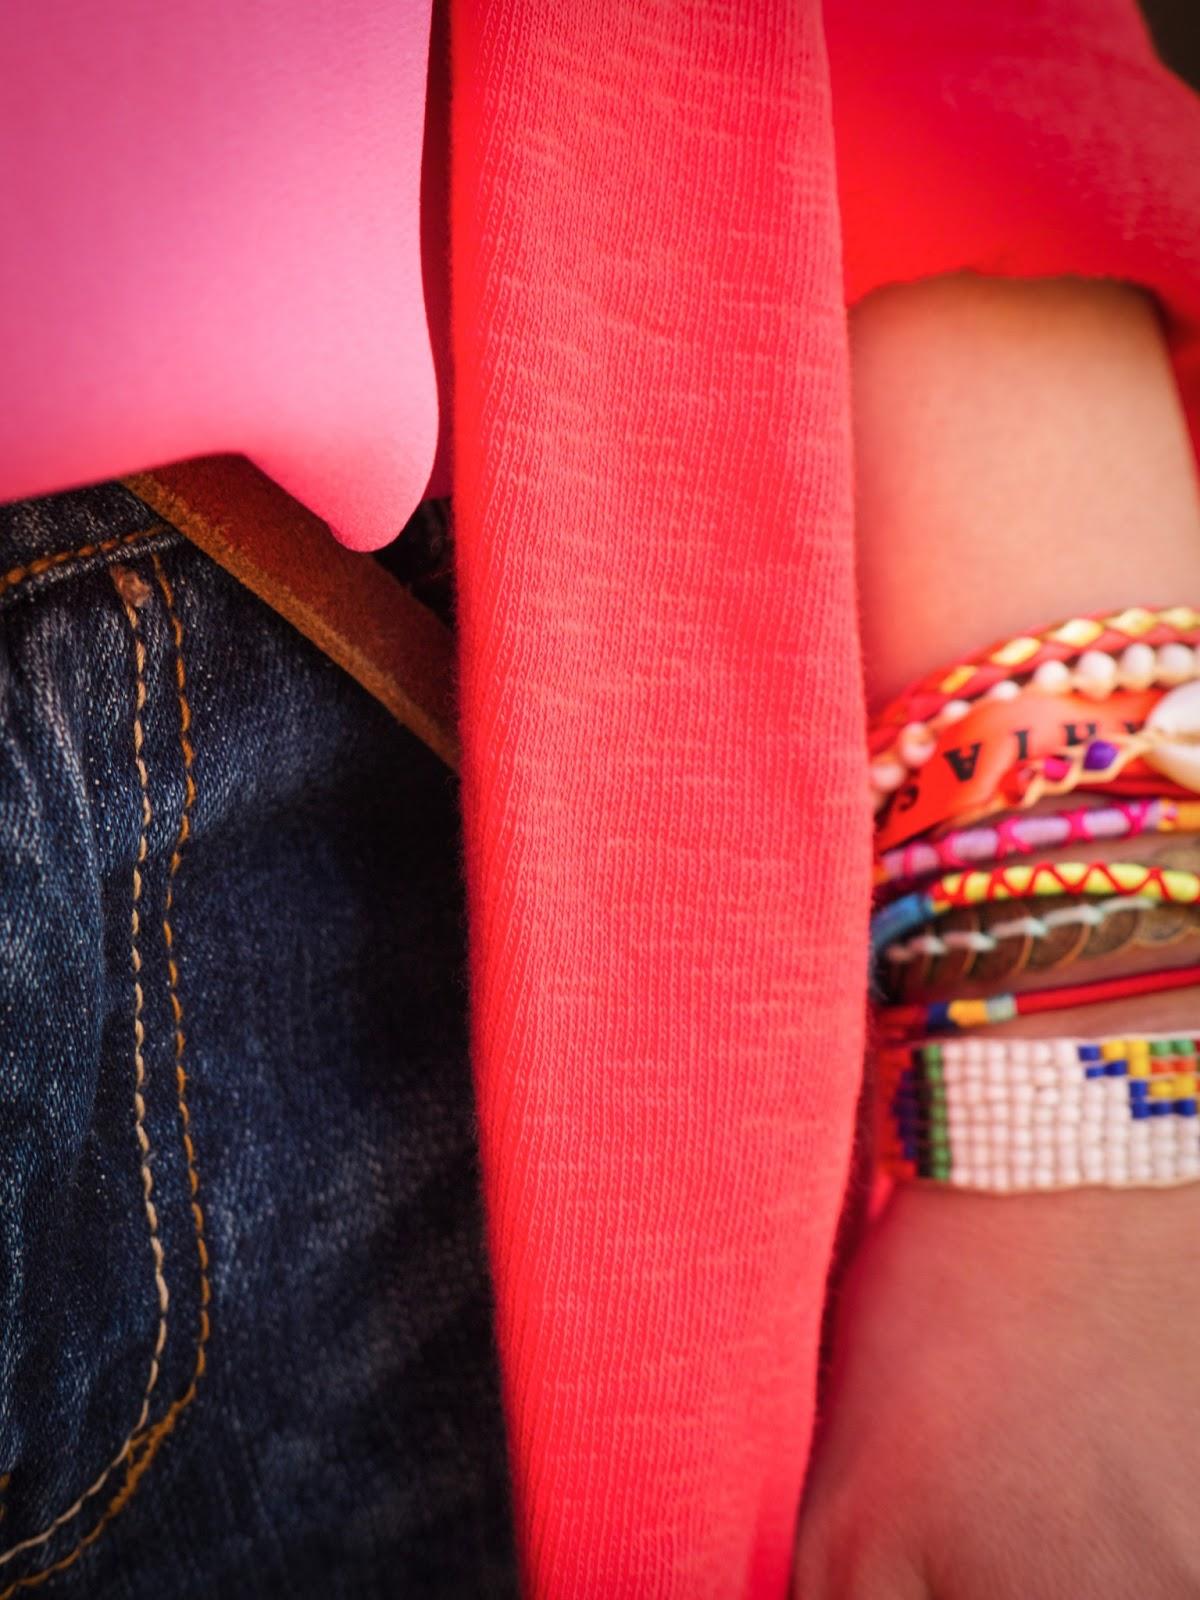 Blog Mode Et Beaut Lille Audressing Bonbon La Fraise